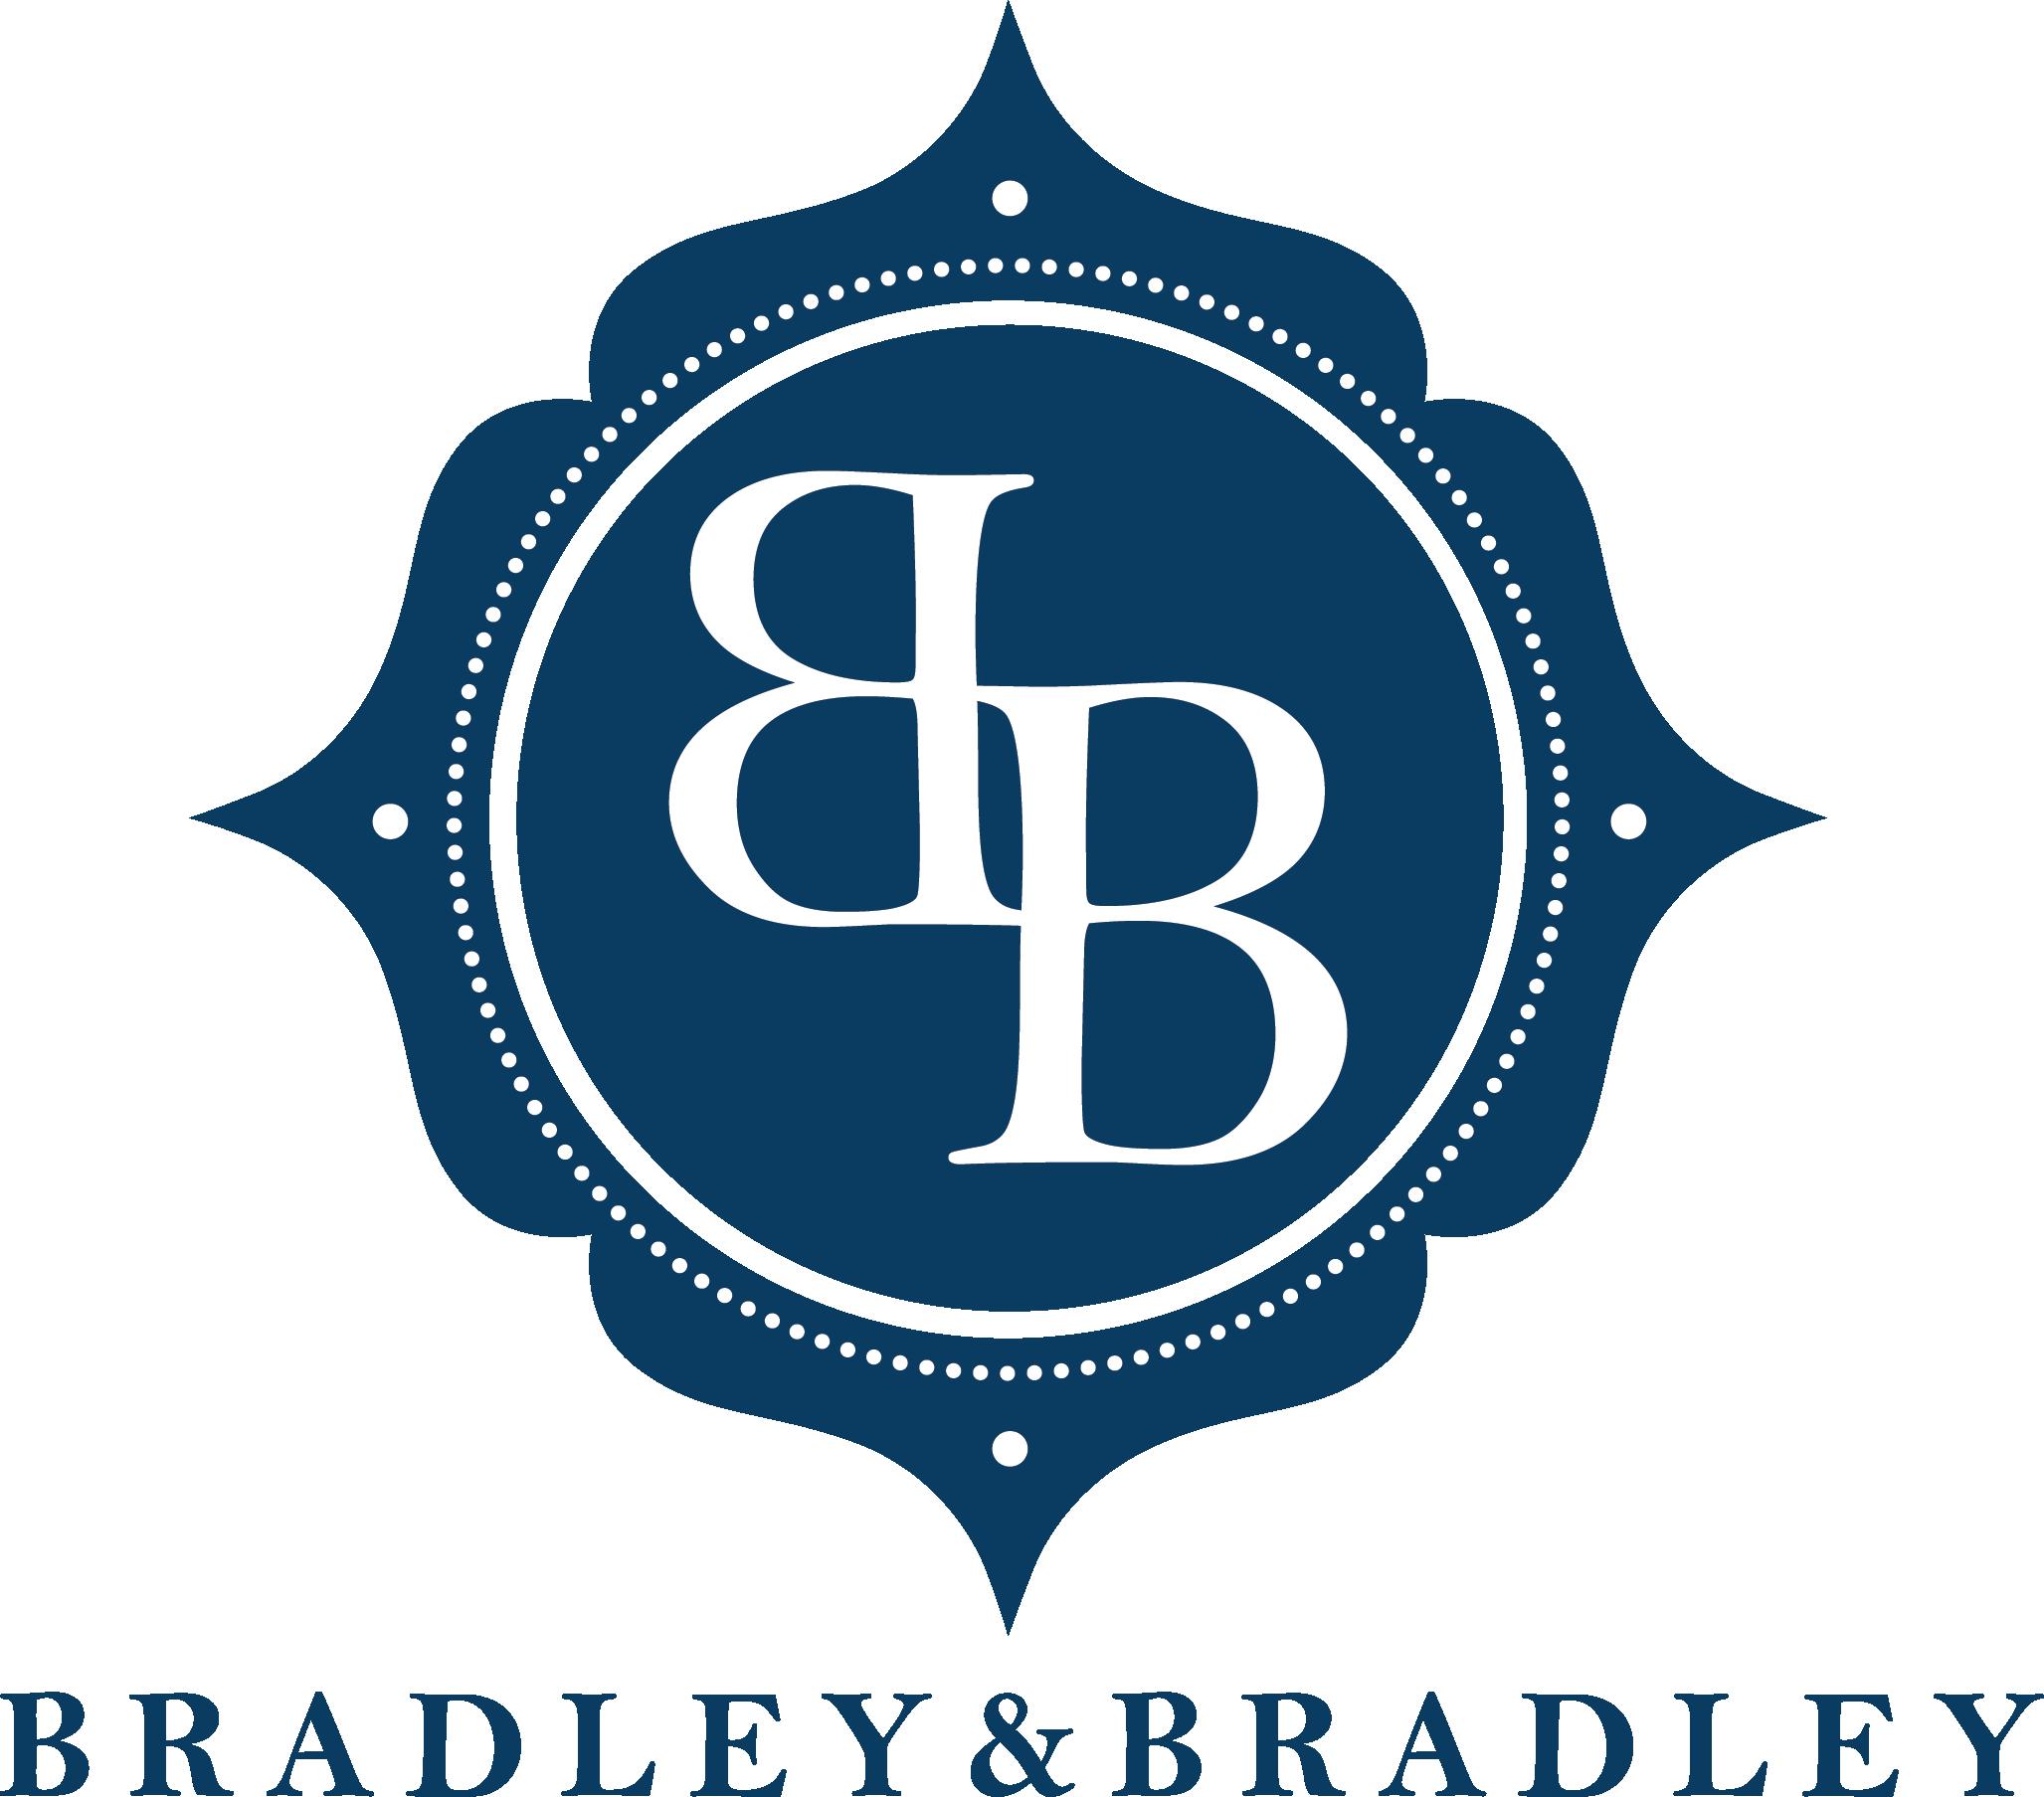 Bradley & Bradley